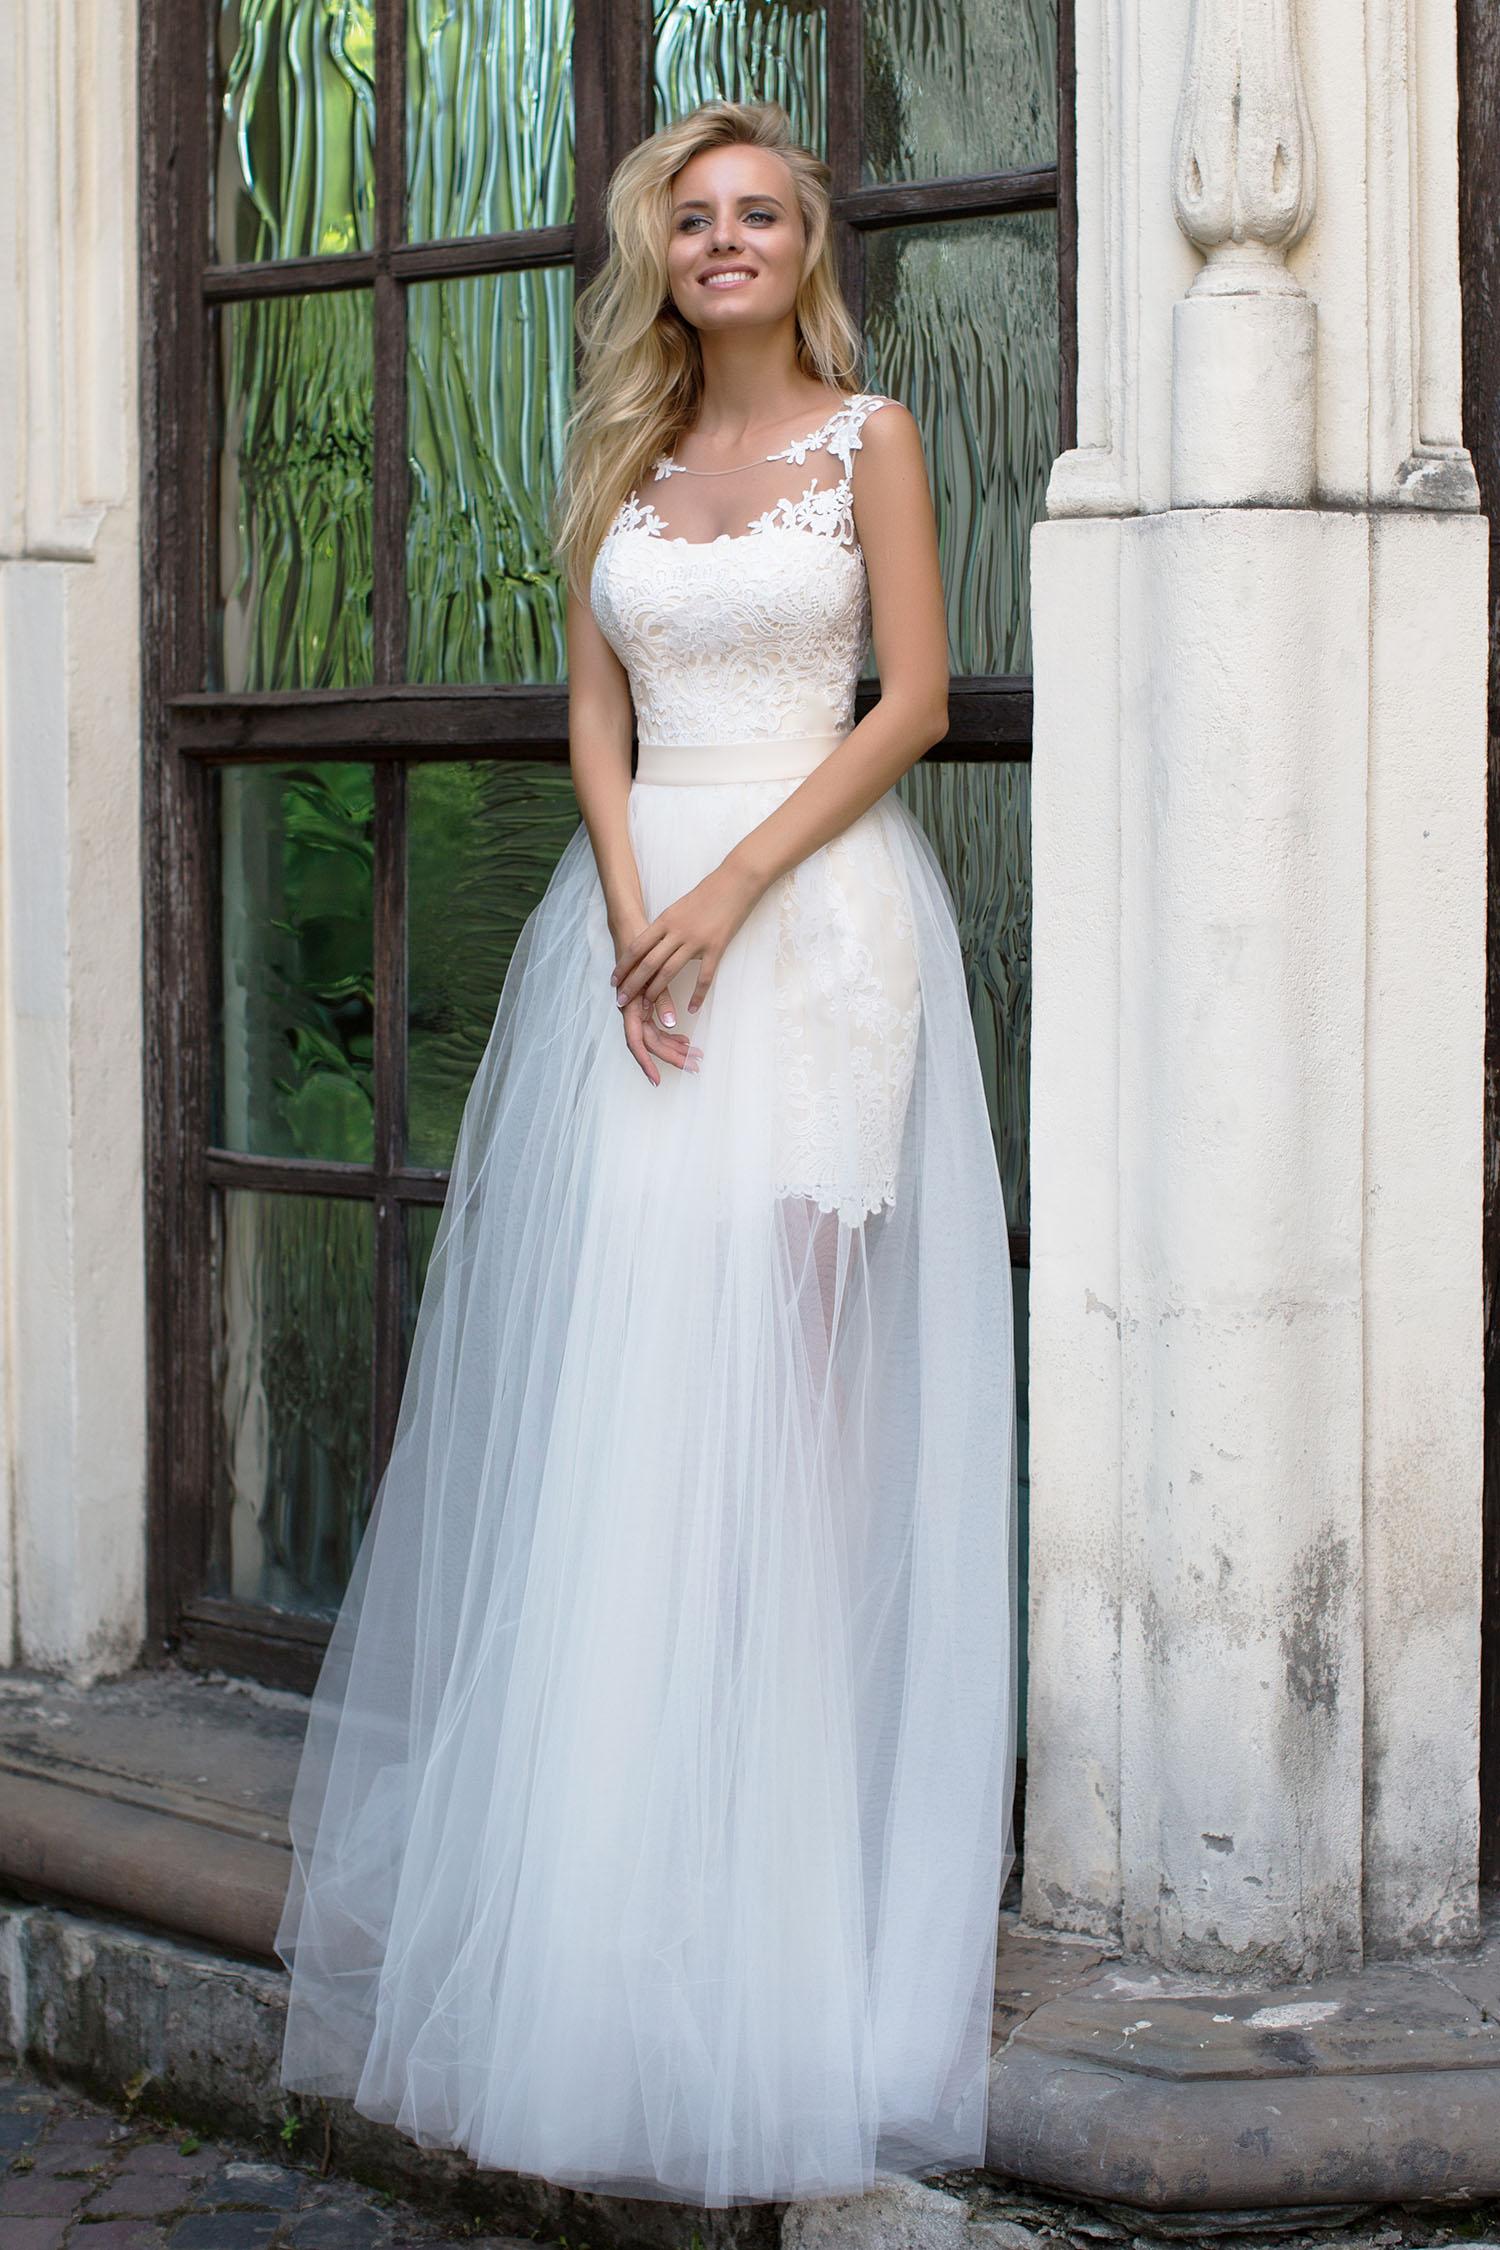 comment choisir sa robe de mari e On comment choisir une robe de mariée